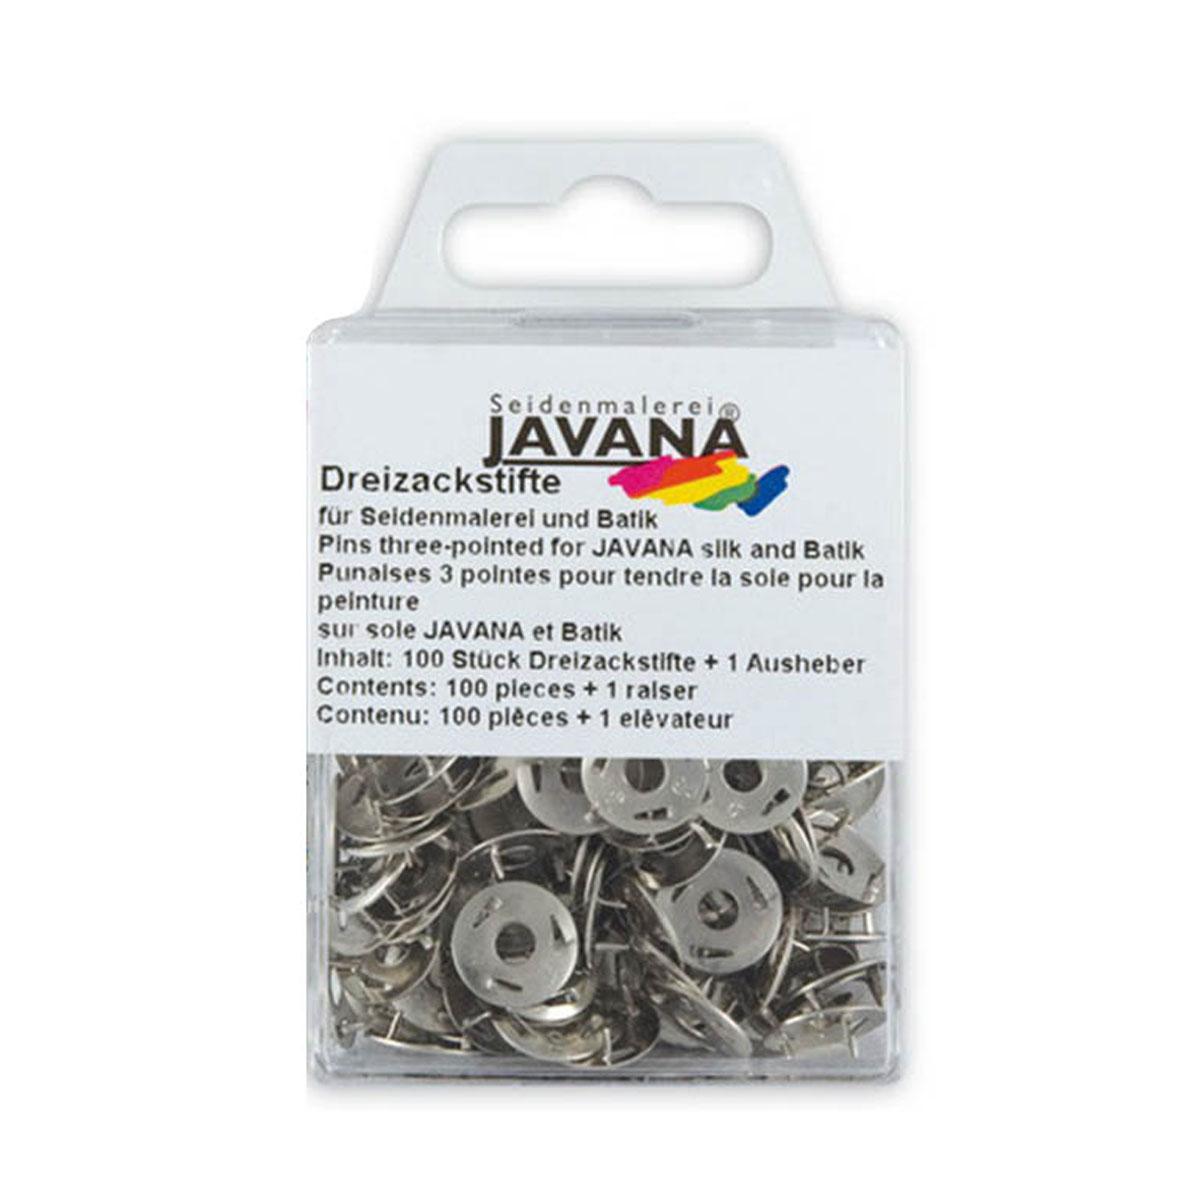 Кнопки канцелярские Kreul Javana, трехзубые, 100 штKR-810100Кнопки из нержавеющего металла 3-язычковые для натяжения и крепления шелка к раме. Применяются при росписи по шелку. В комплект входит инструмент для удаления кнопок. 100 штук в наборе.